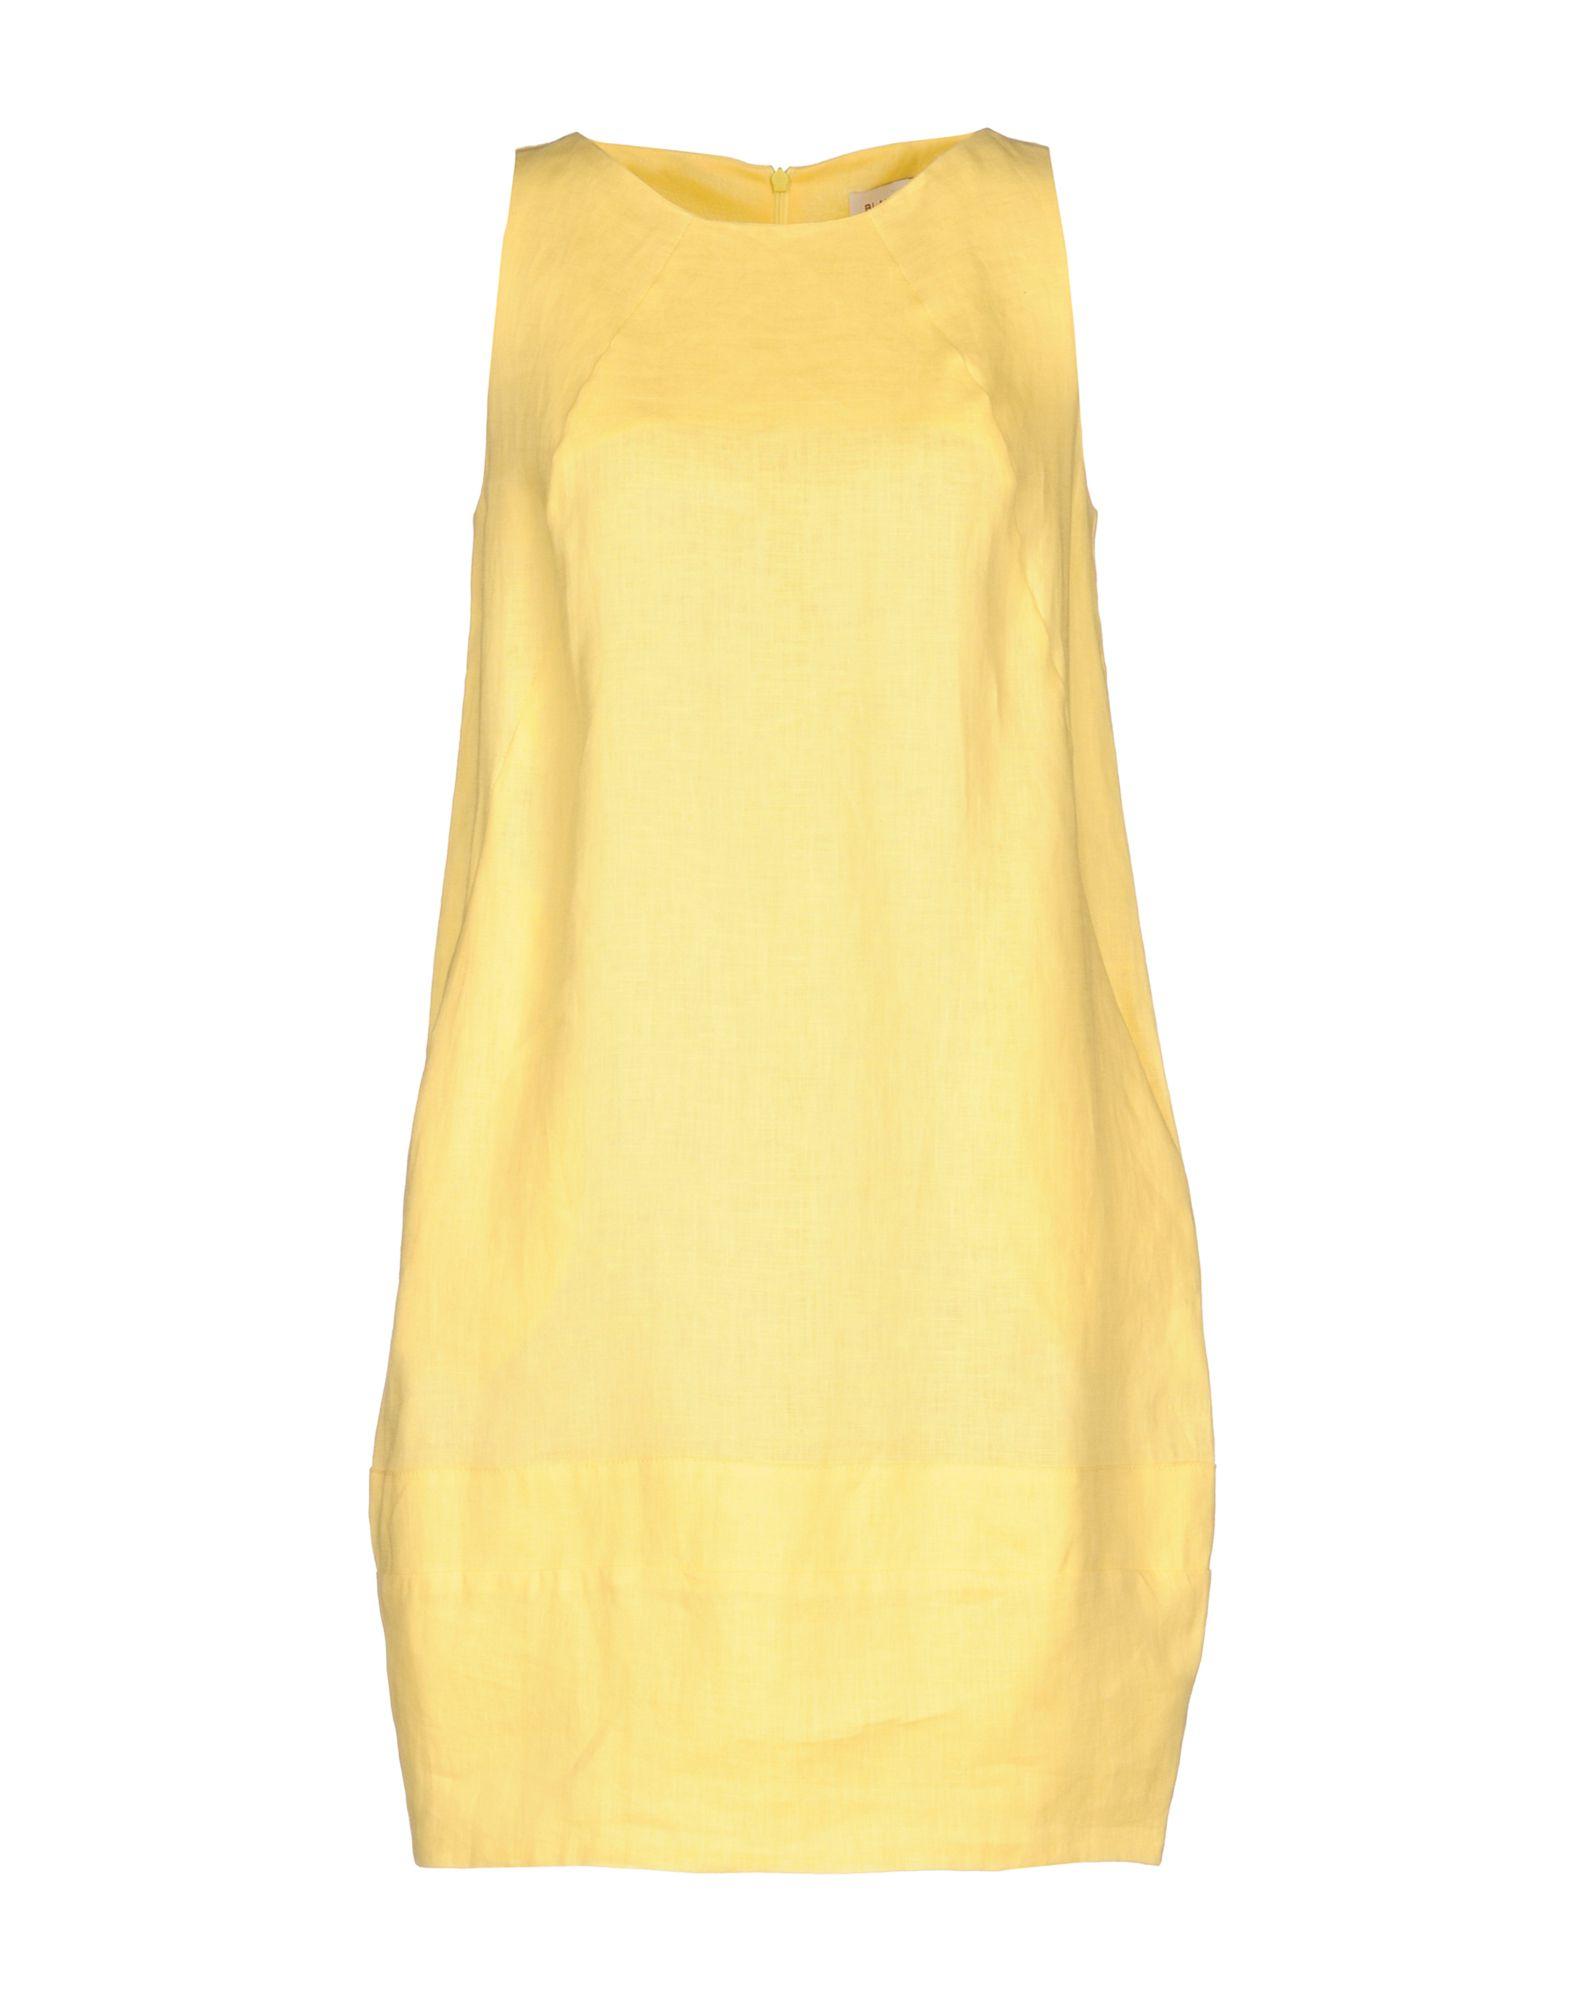 BLANCA LUZ Короткое платье и л бим л и рыжова deutsch 2 klasse arbeitsbuch немецкий язык 2 класс рабочая тетрадь в 2 частях часть b